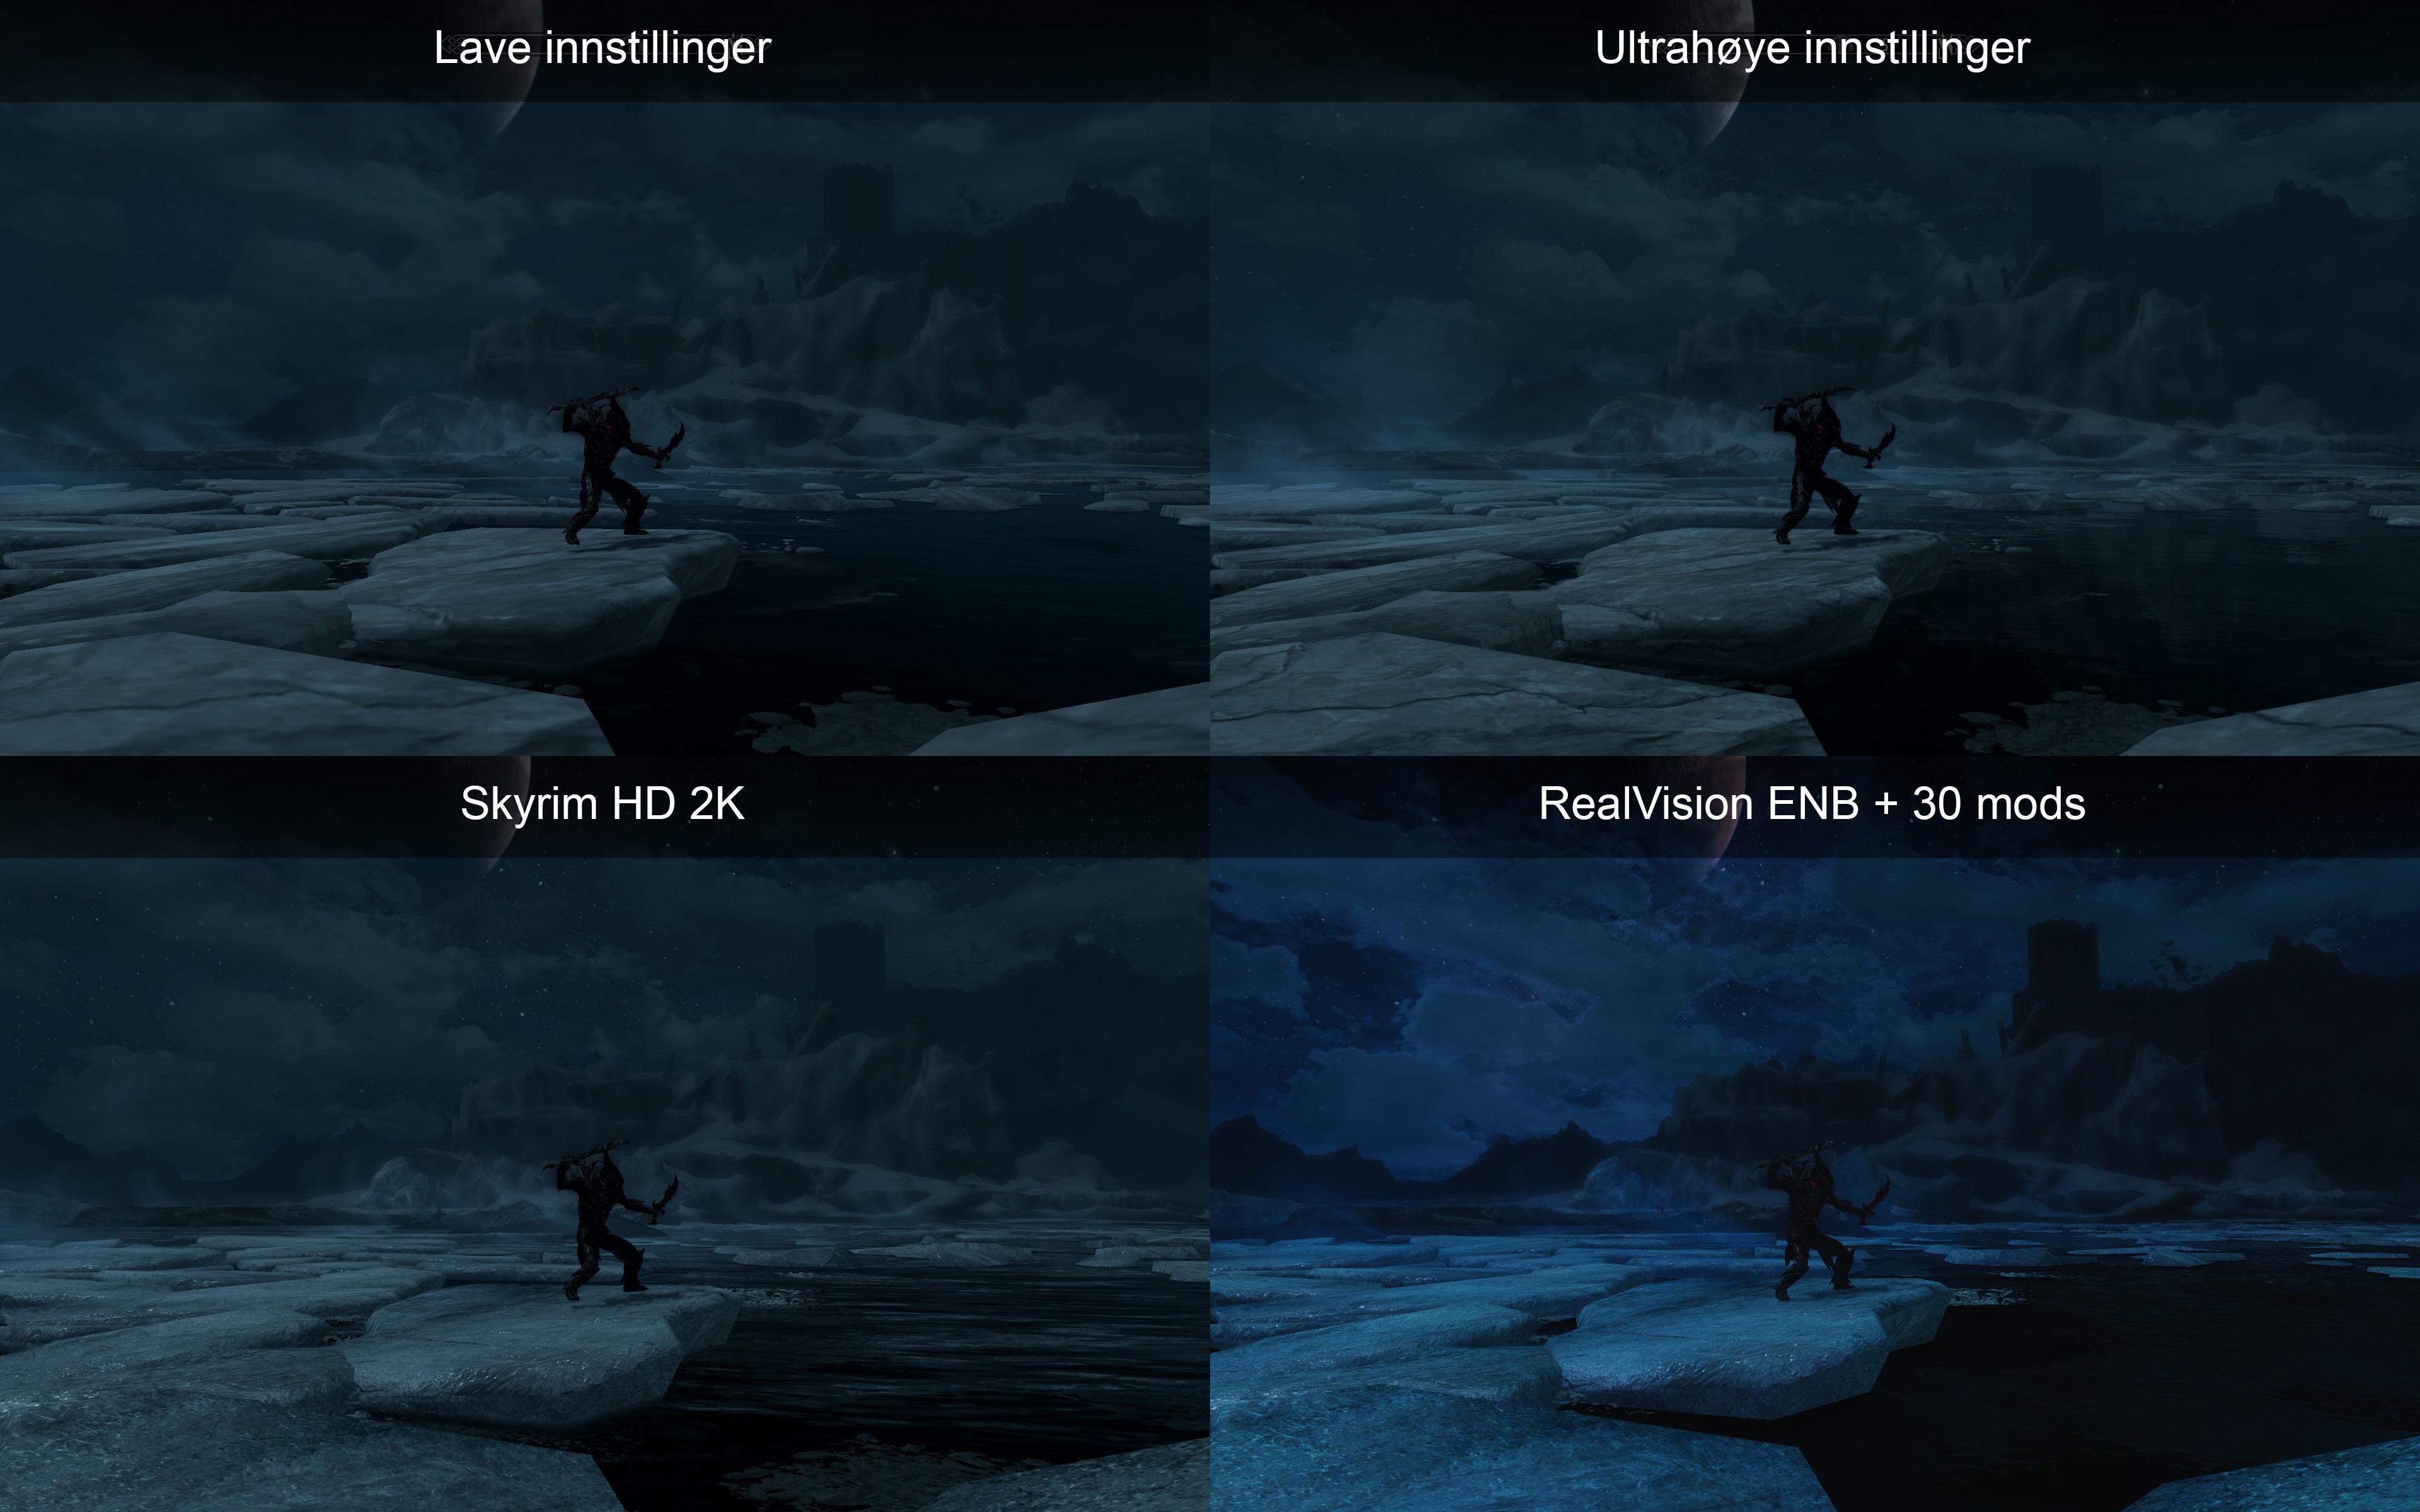 Med RealVision ENB og alle modifikasjonene begynte isblokkene å duppe opp og ned i vannet.